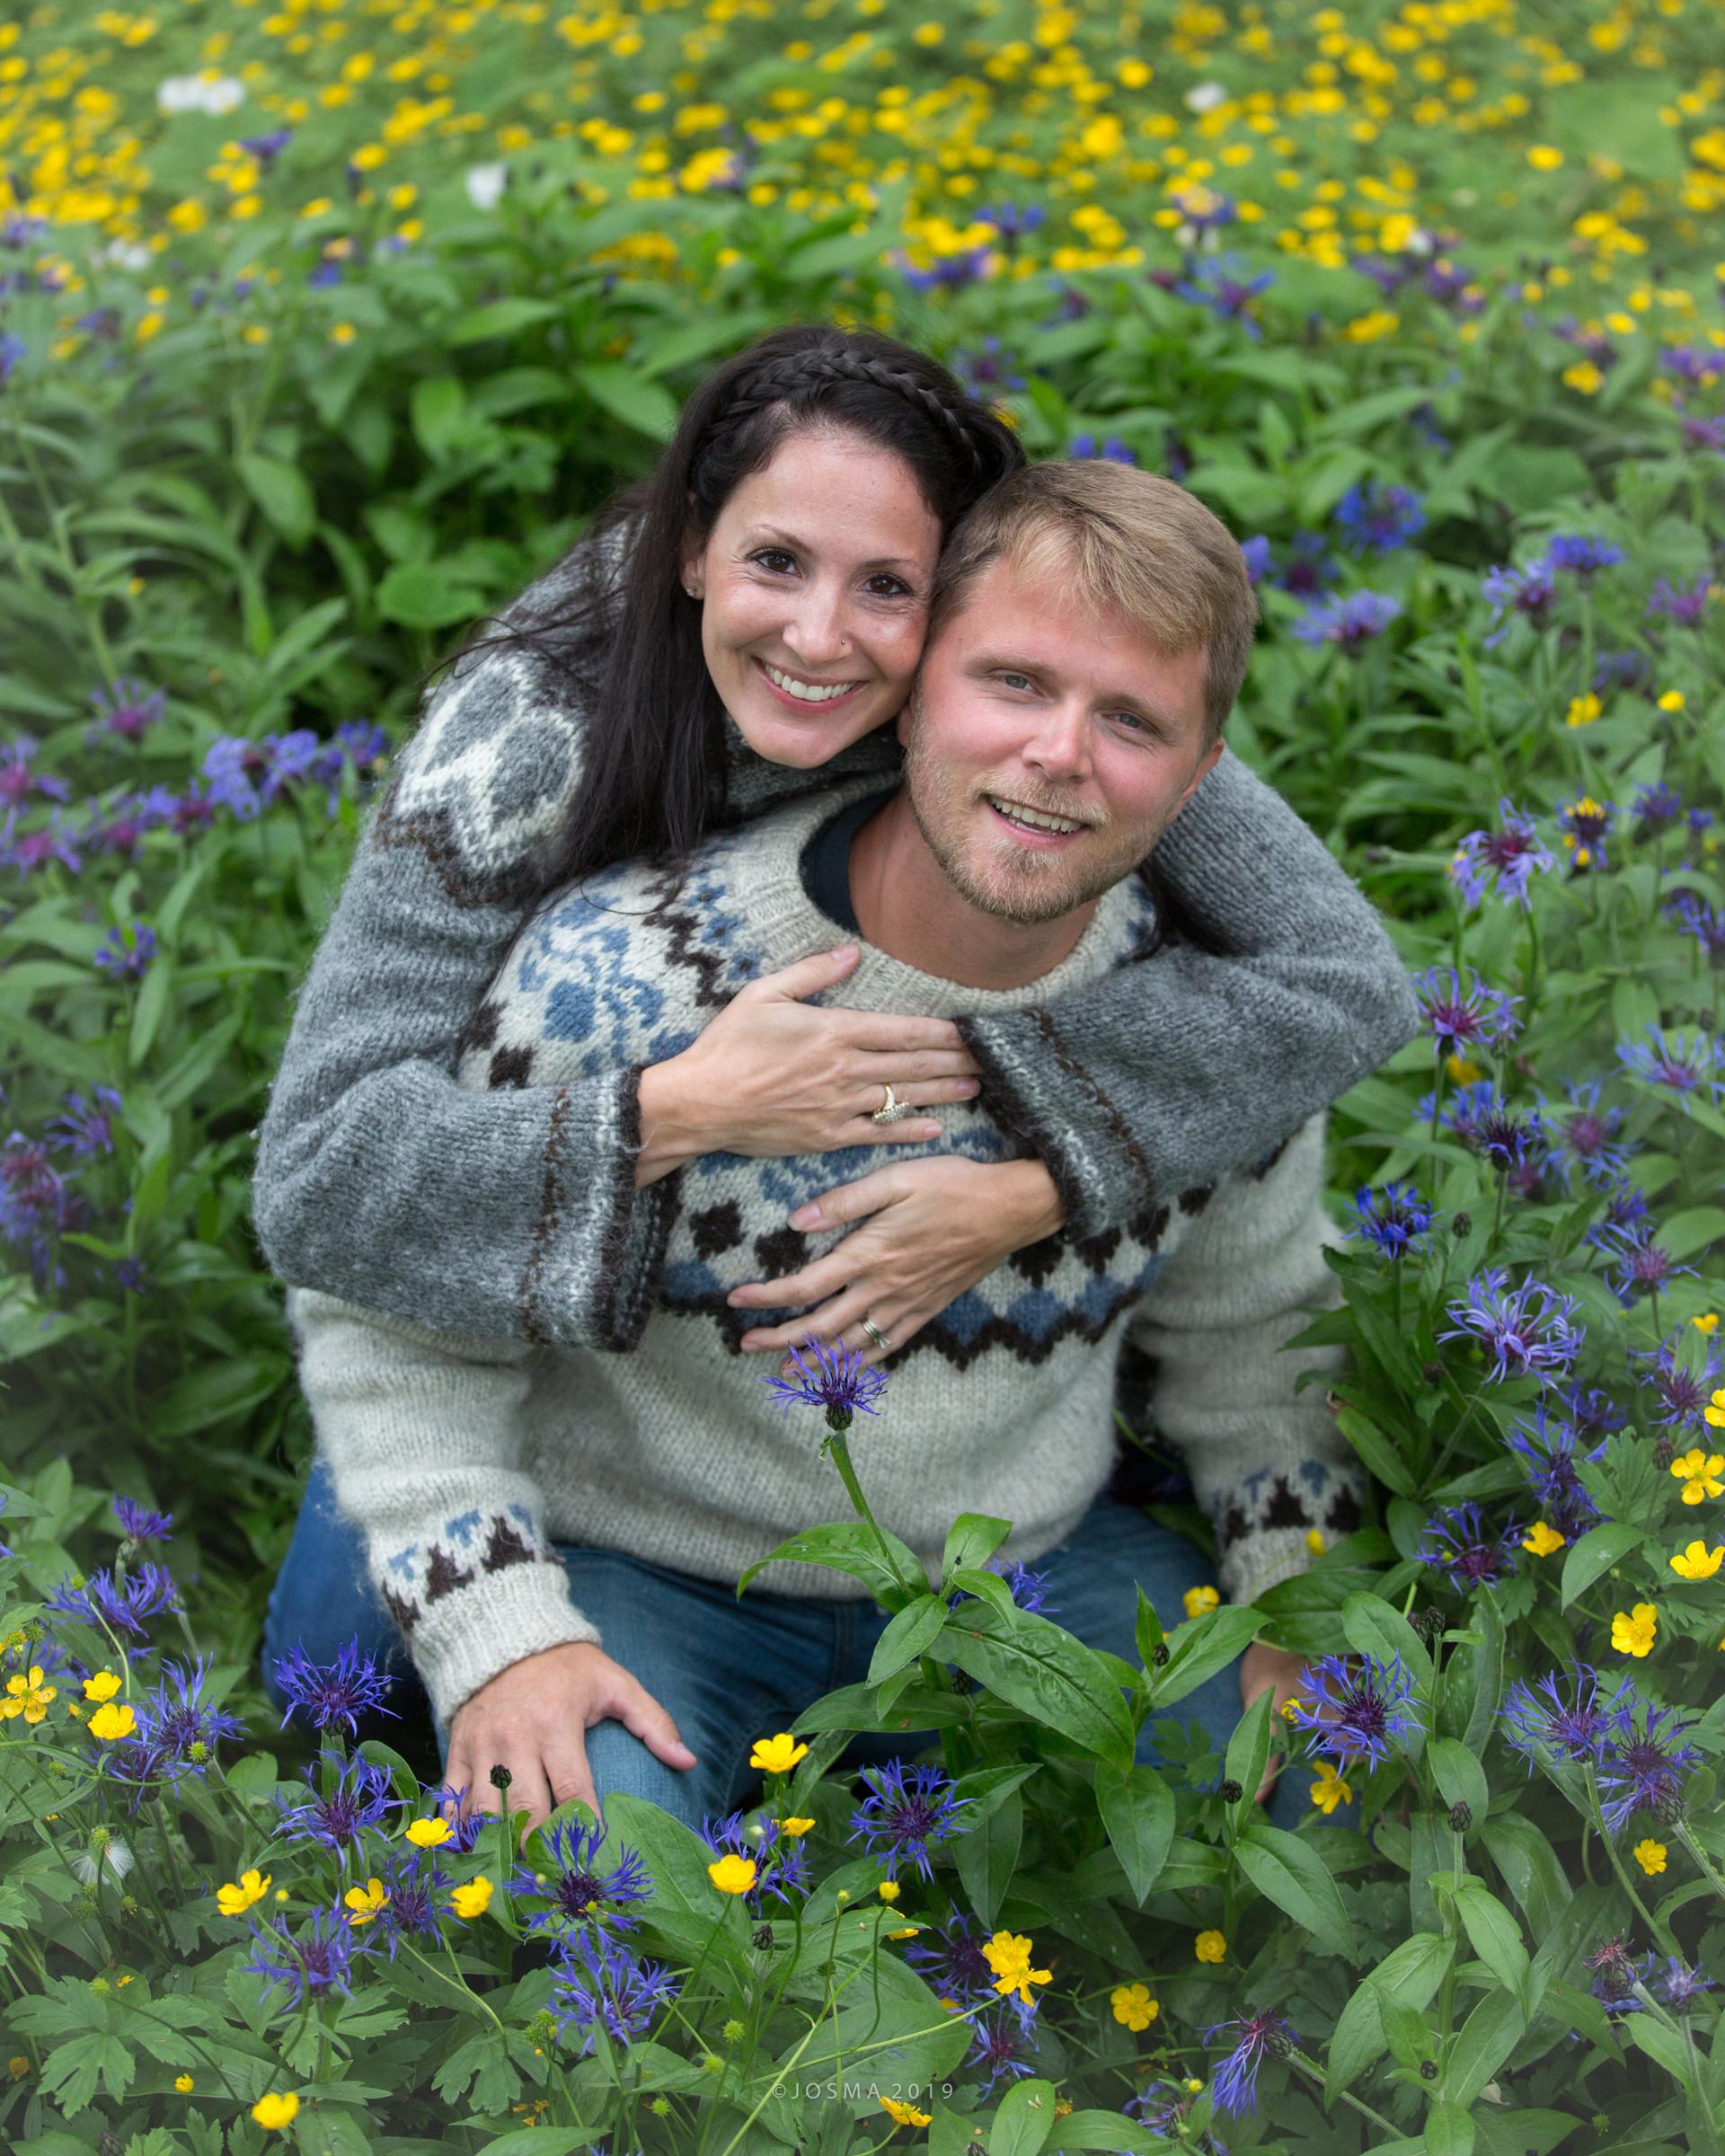 Osh and Elise Thorsson